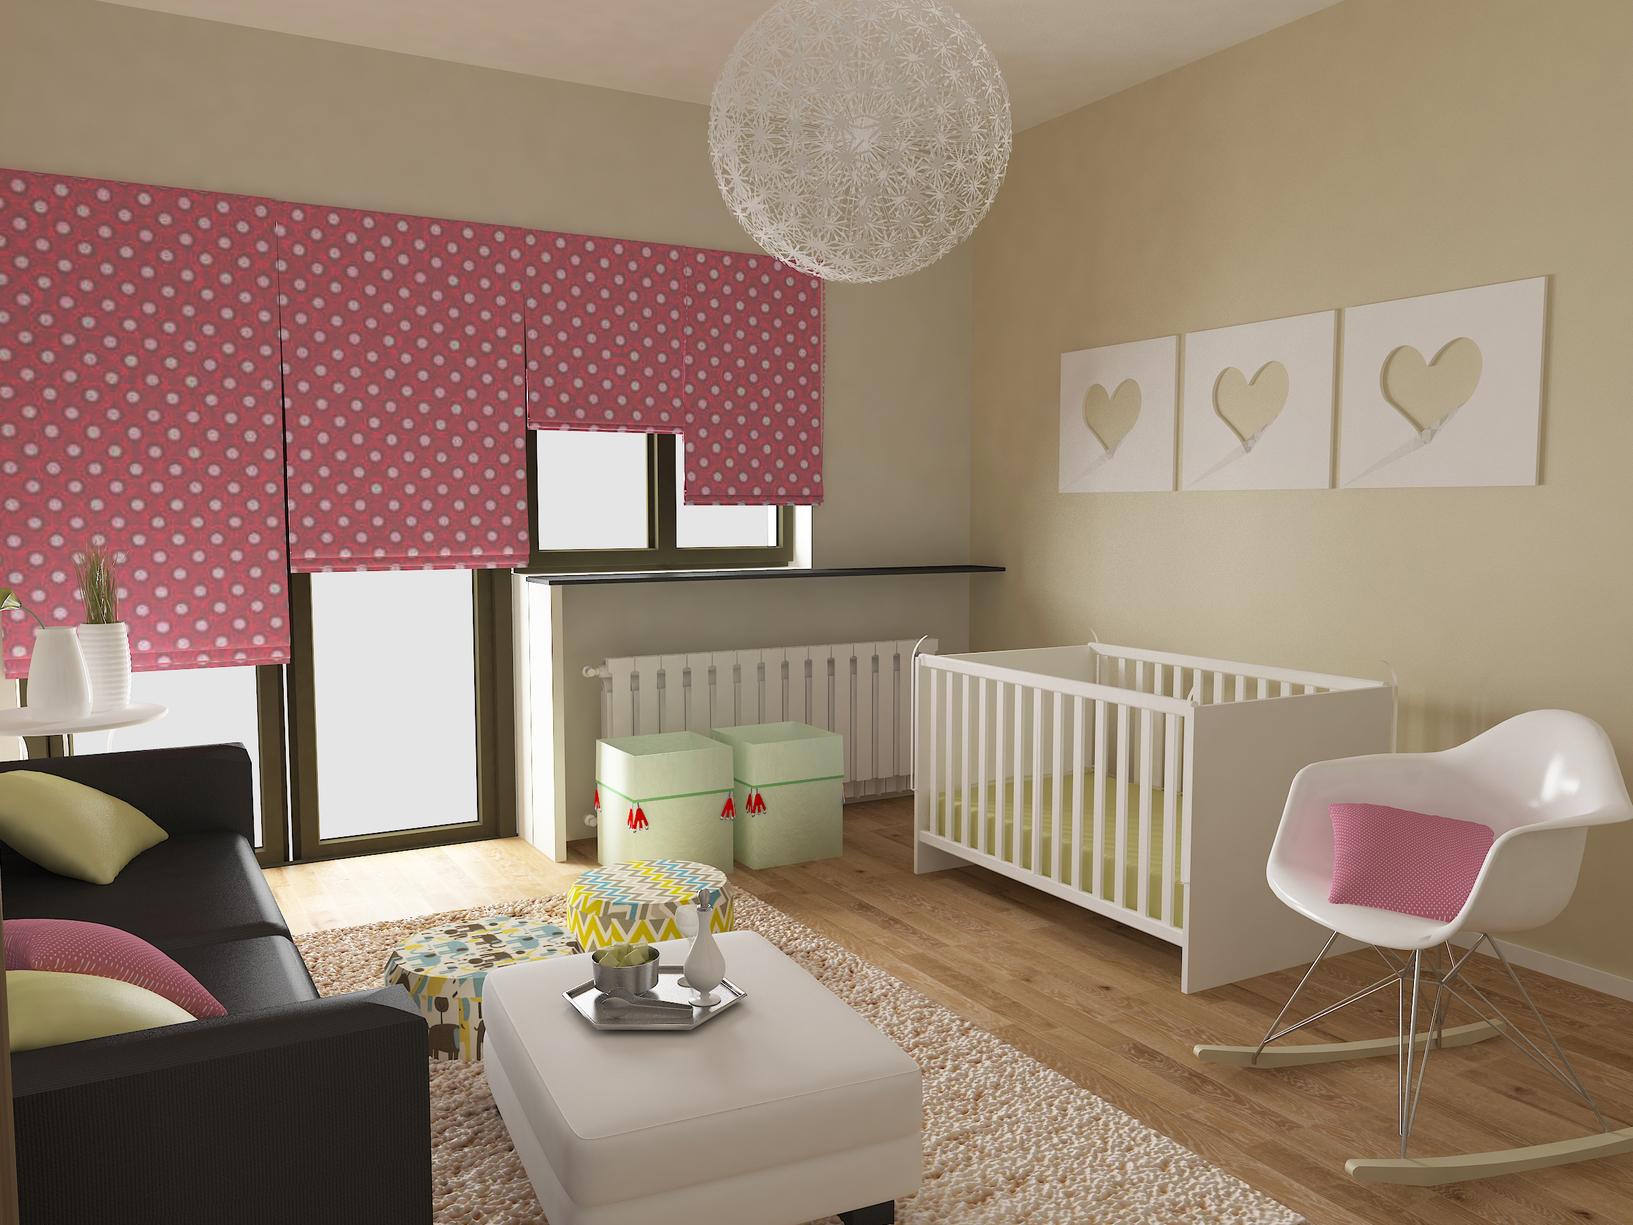 Розовые шторы в белый горошек в детской комнате